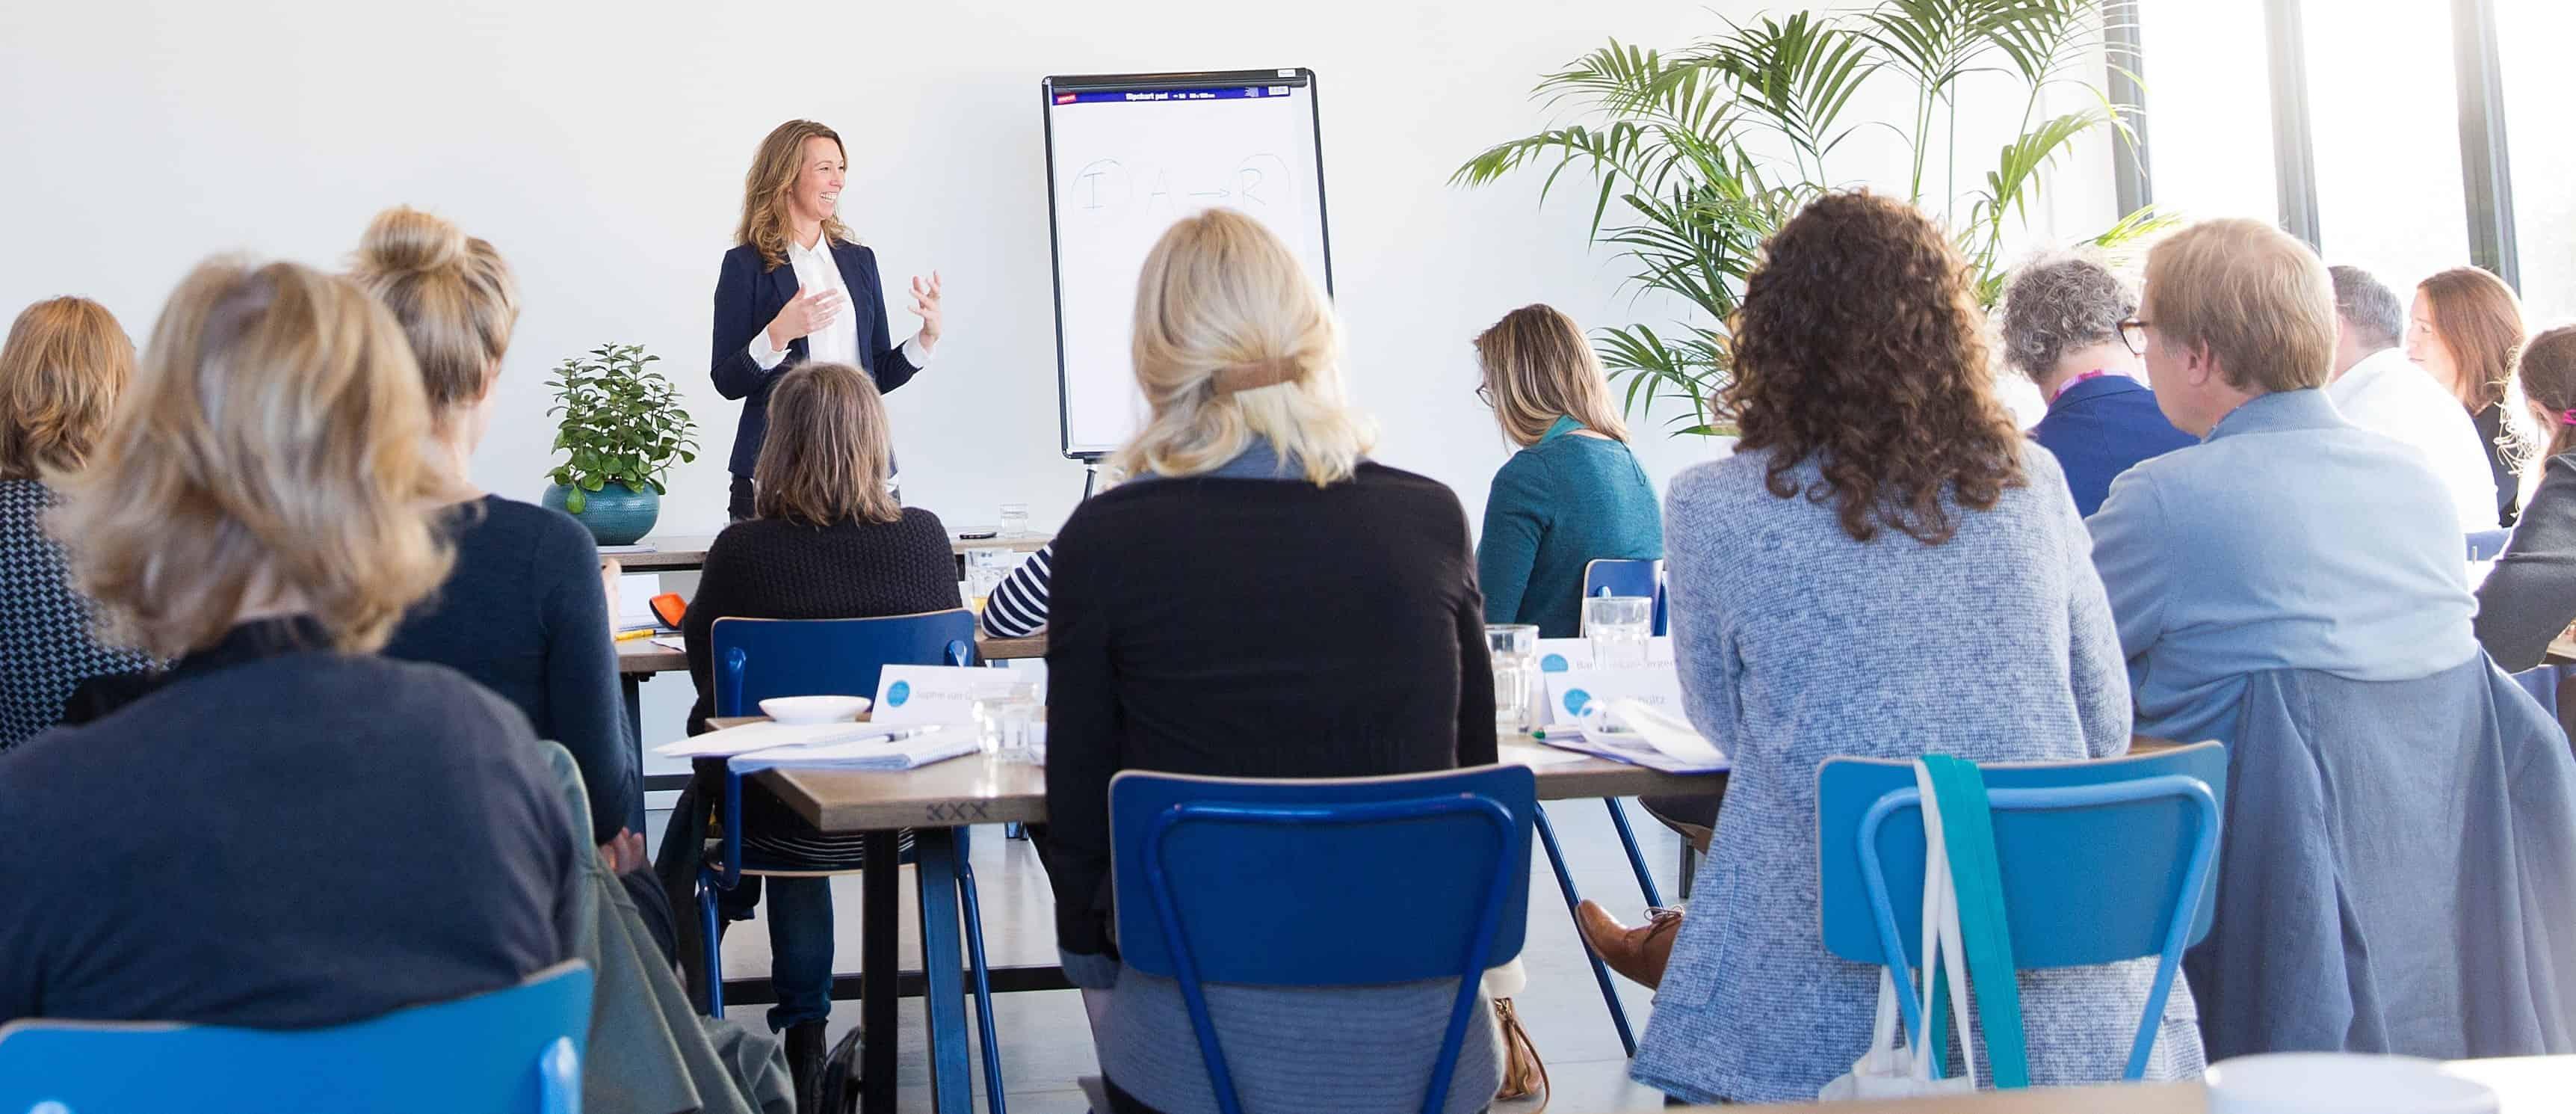 """""""Do less with more focus"""". Als business coach is dat het motto dat Lisette Tol verkondigd naar haar (toekomstige) klanten. Girlboss Lisette helpt ambitieuze entrepreneurs om hun al goedlopende bedrijf nét naar het next level te tillen. In het Business Coach Traject dat ze aanbiedt, maakt ze samen met een ondernemers een op maat gemaakte business strategie. Benieuwd naar meer over deze inspirerende business coach? Stay tuned."""